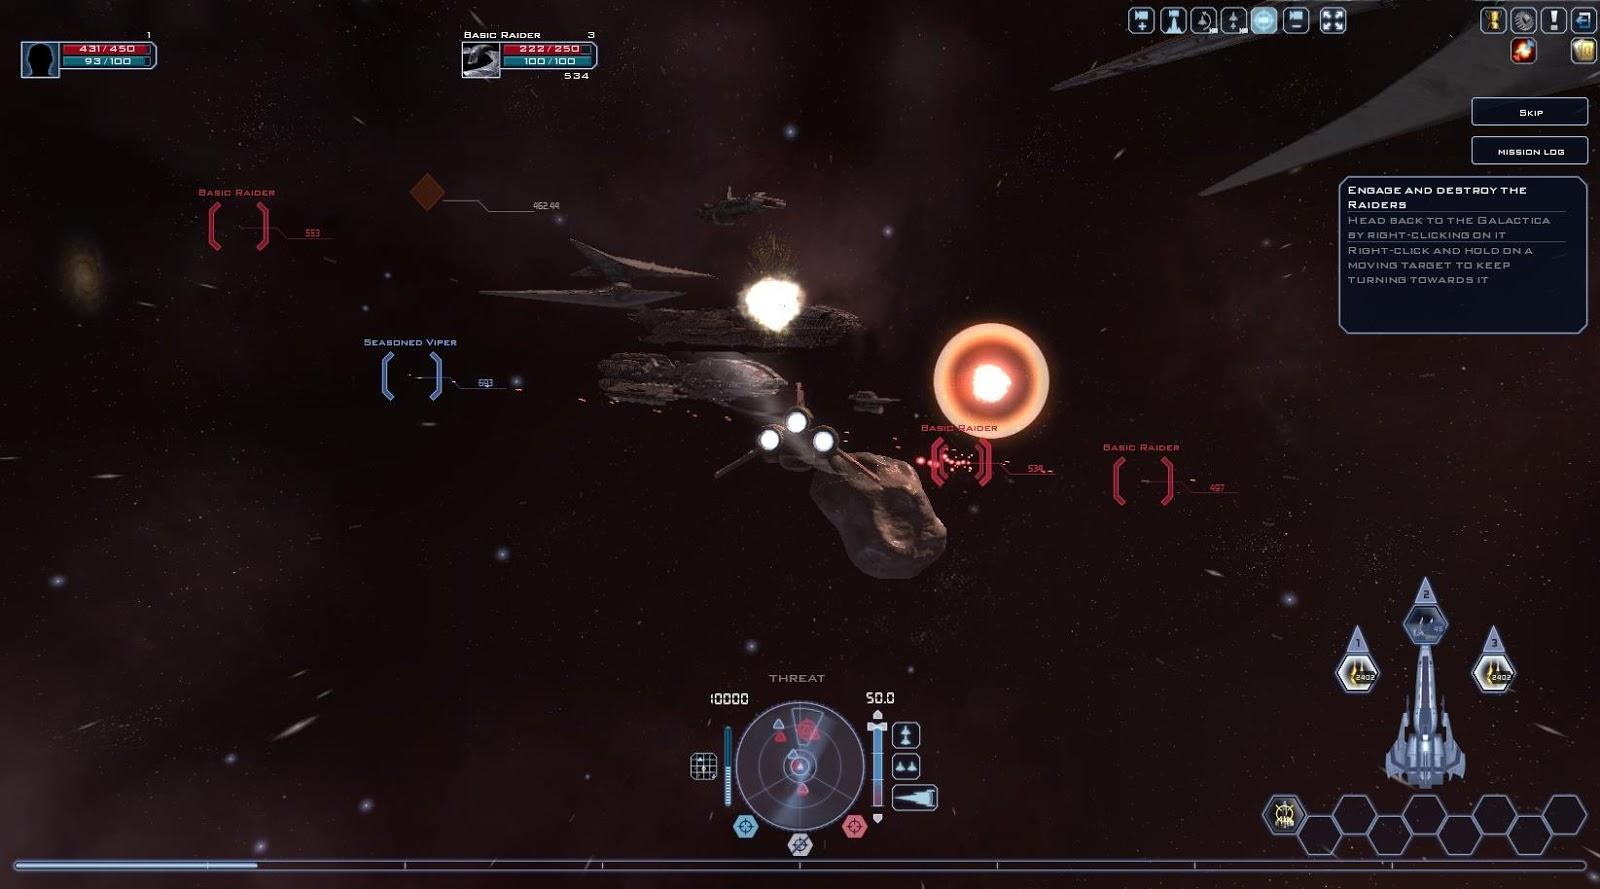 Battlestar Galactica Online - Dogfight